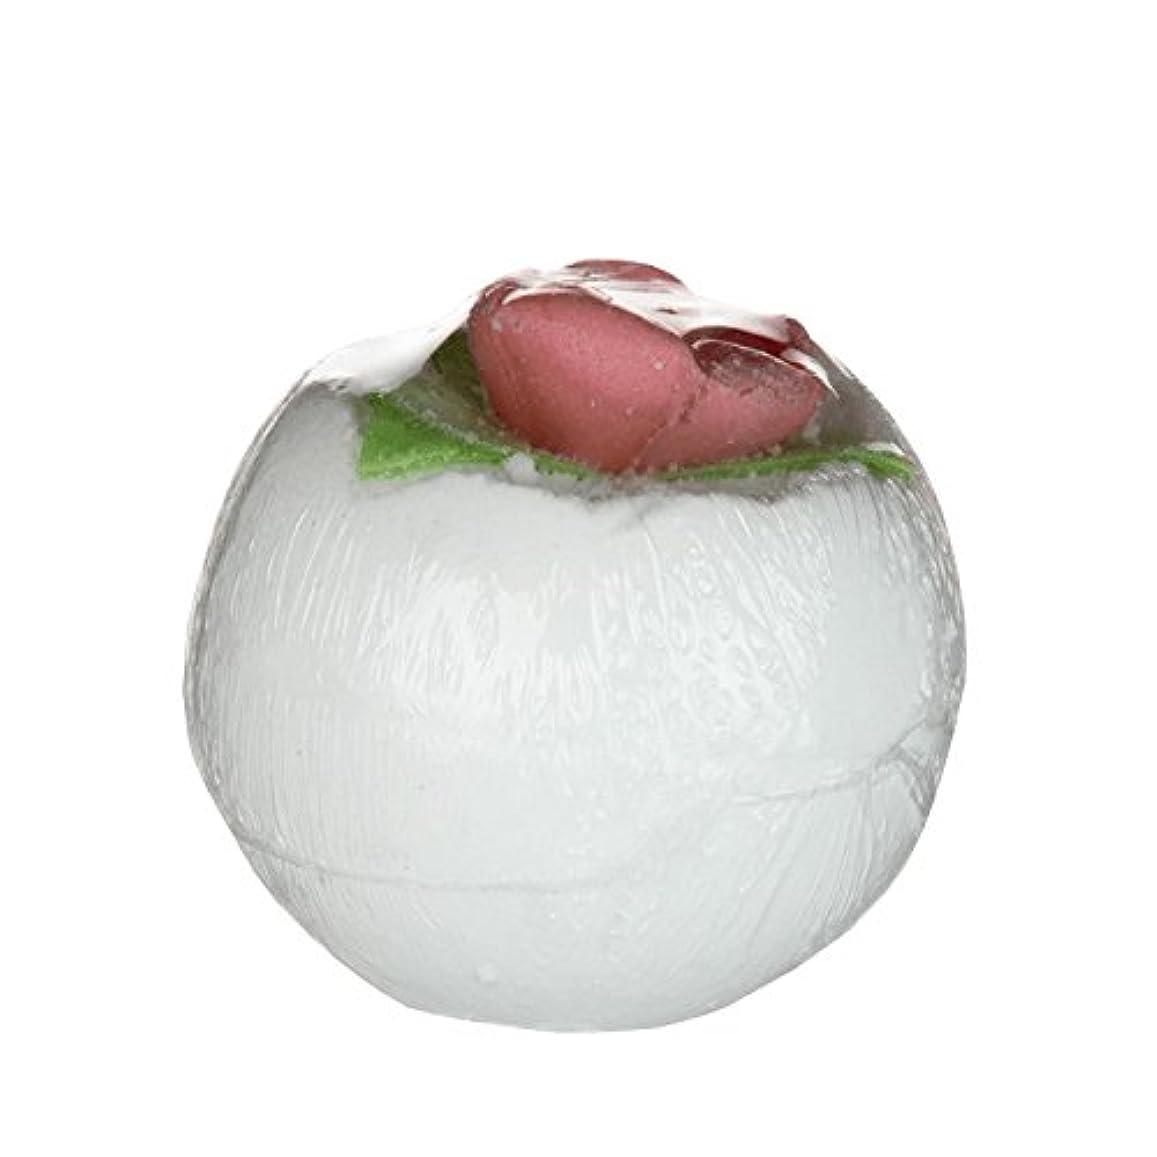 戸口砲撃してはいけないTreetsバスボール最愛の花170グラム - Treets Bath Ball Darling Flower 170g (Treets) [並行輸入品]